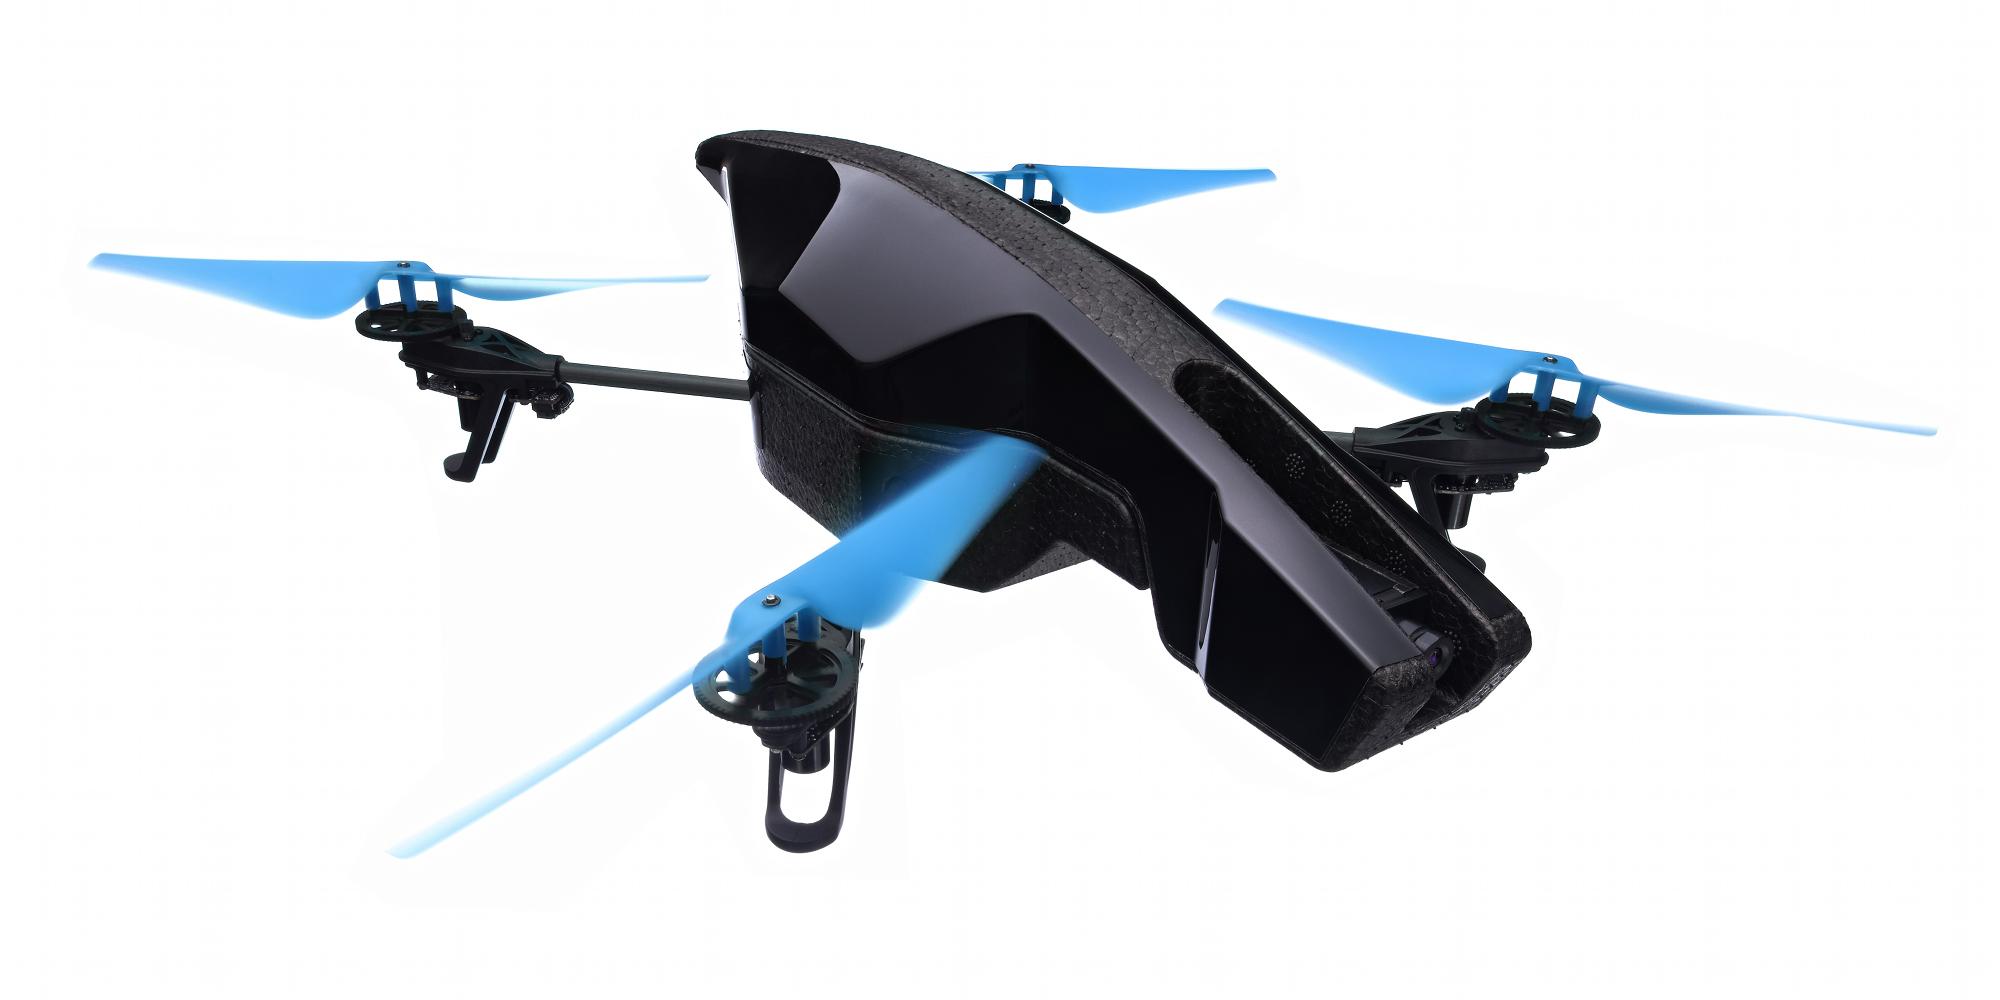 Parrot AR.Drone 2.0 in edizione limitata a partire da questa estate!